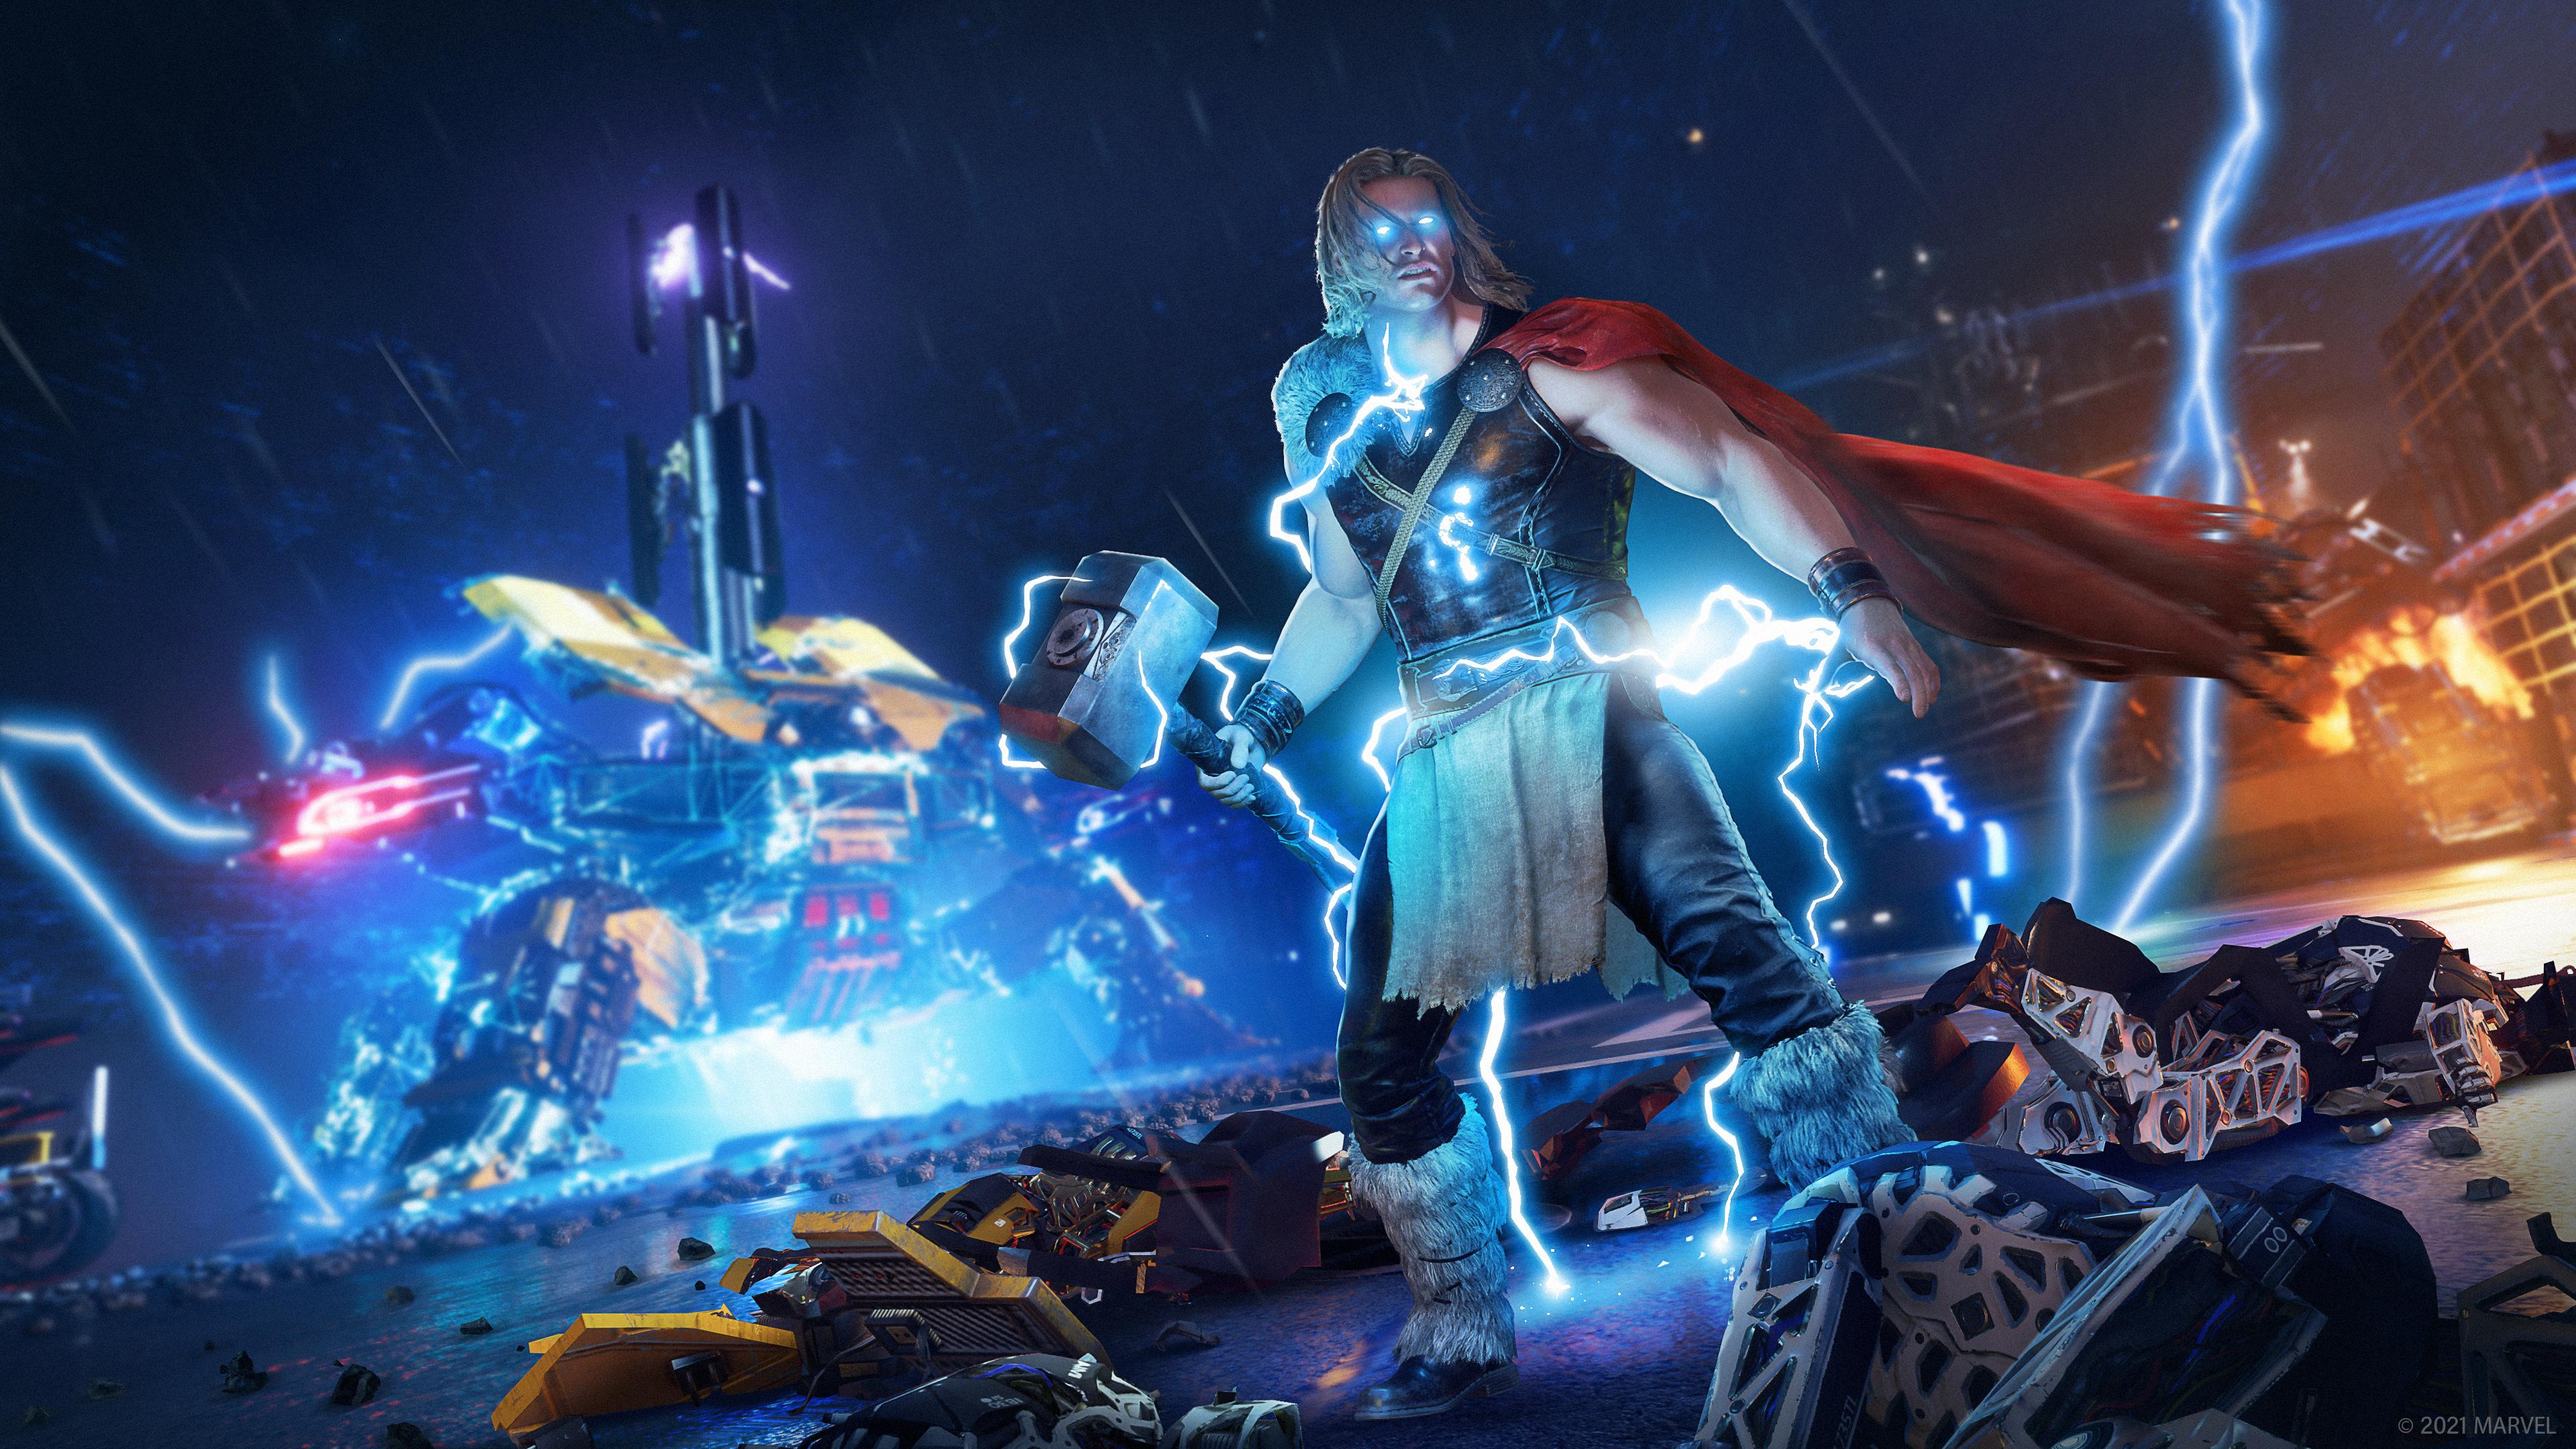 Скриншот №7 к «Мстители Marvel» издание «Финал»